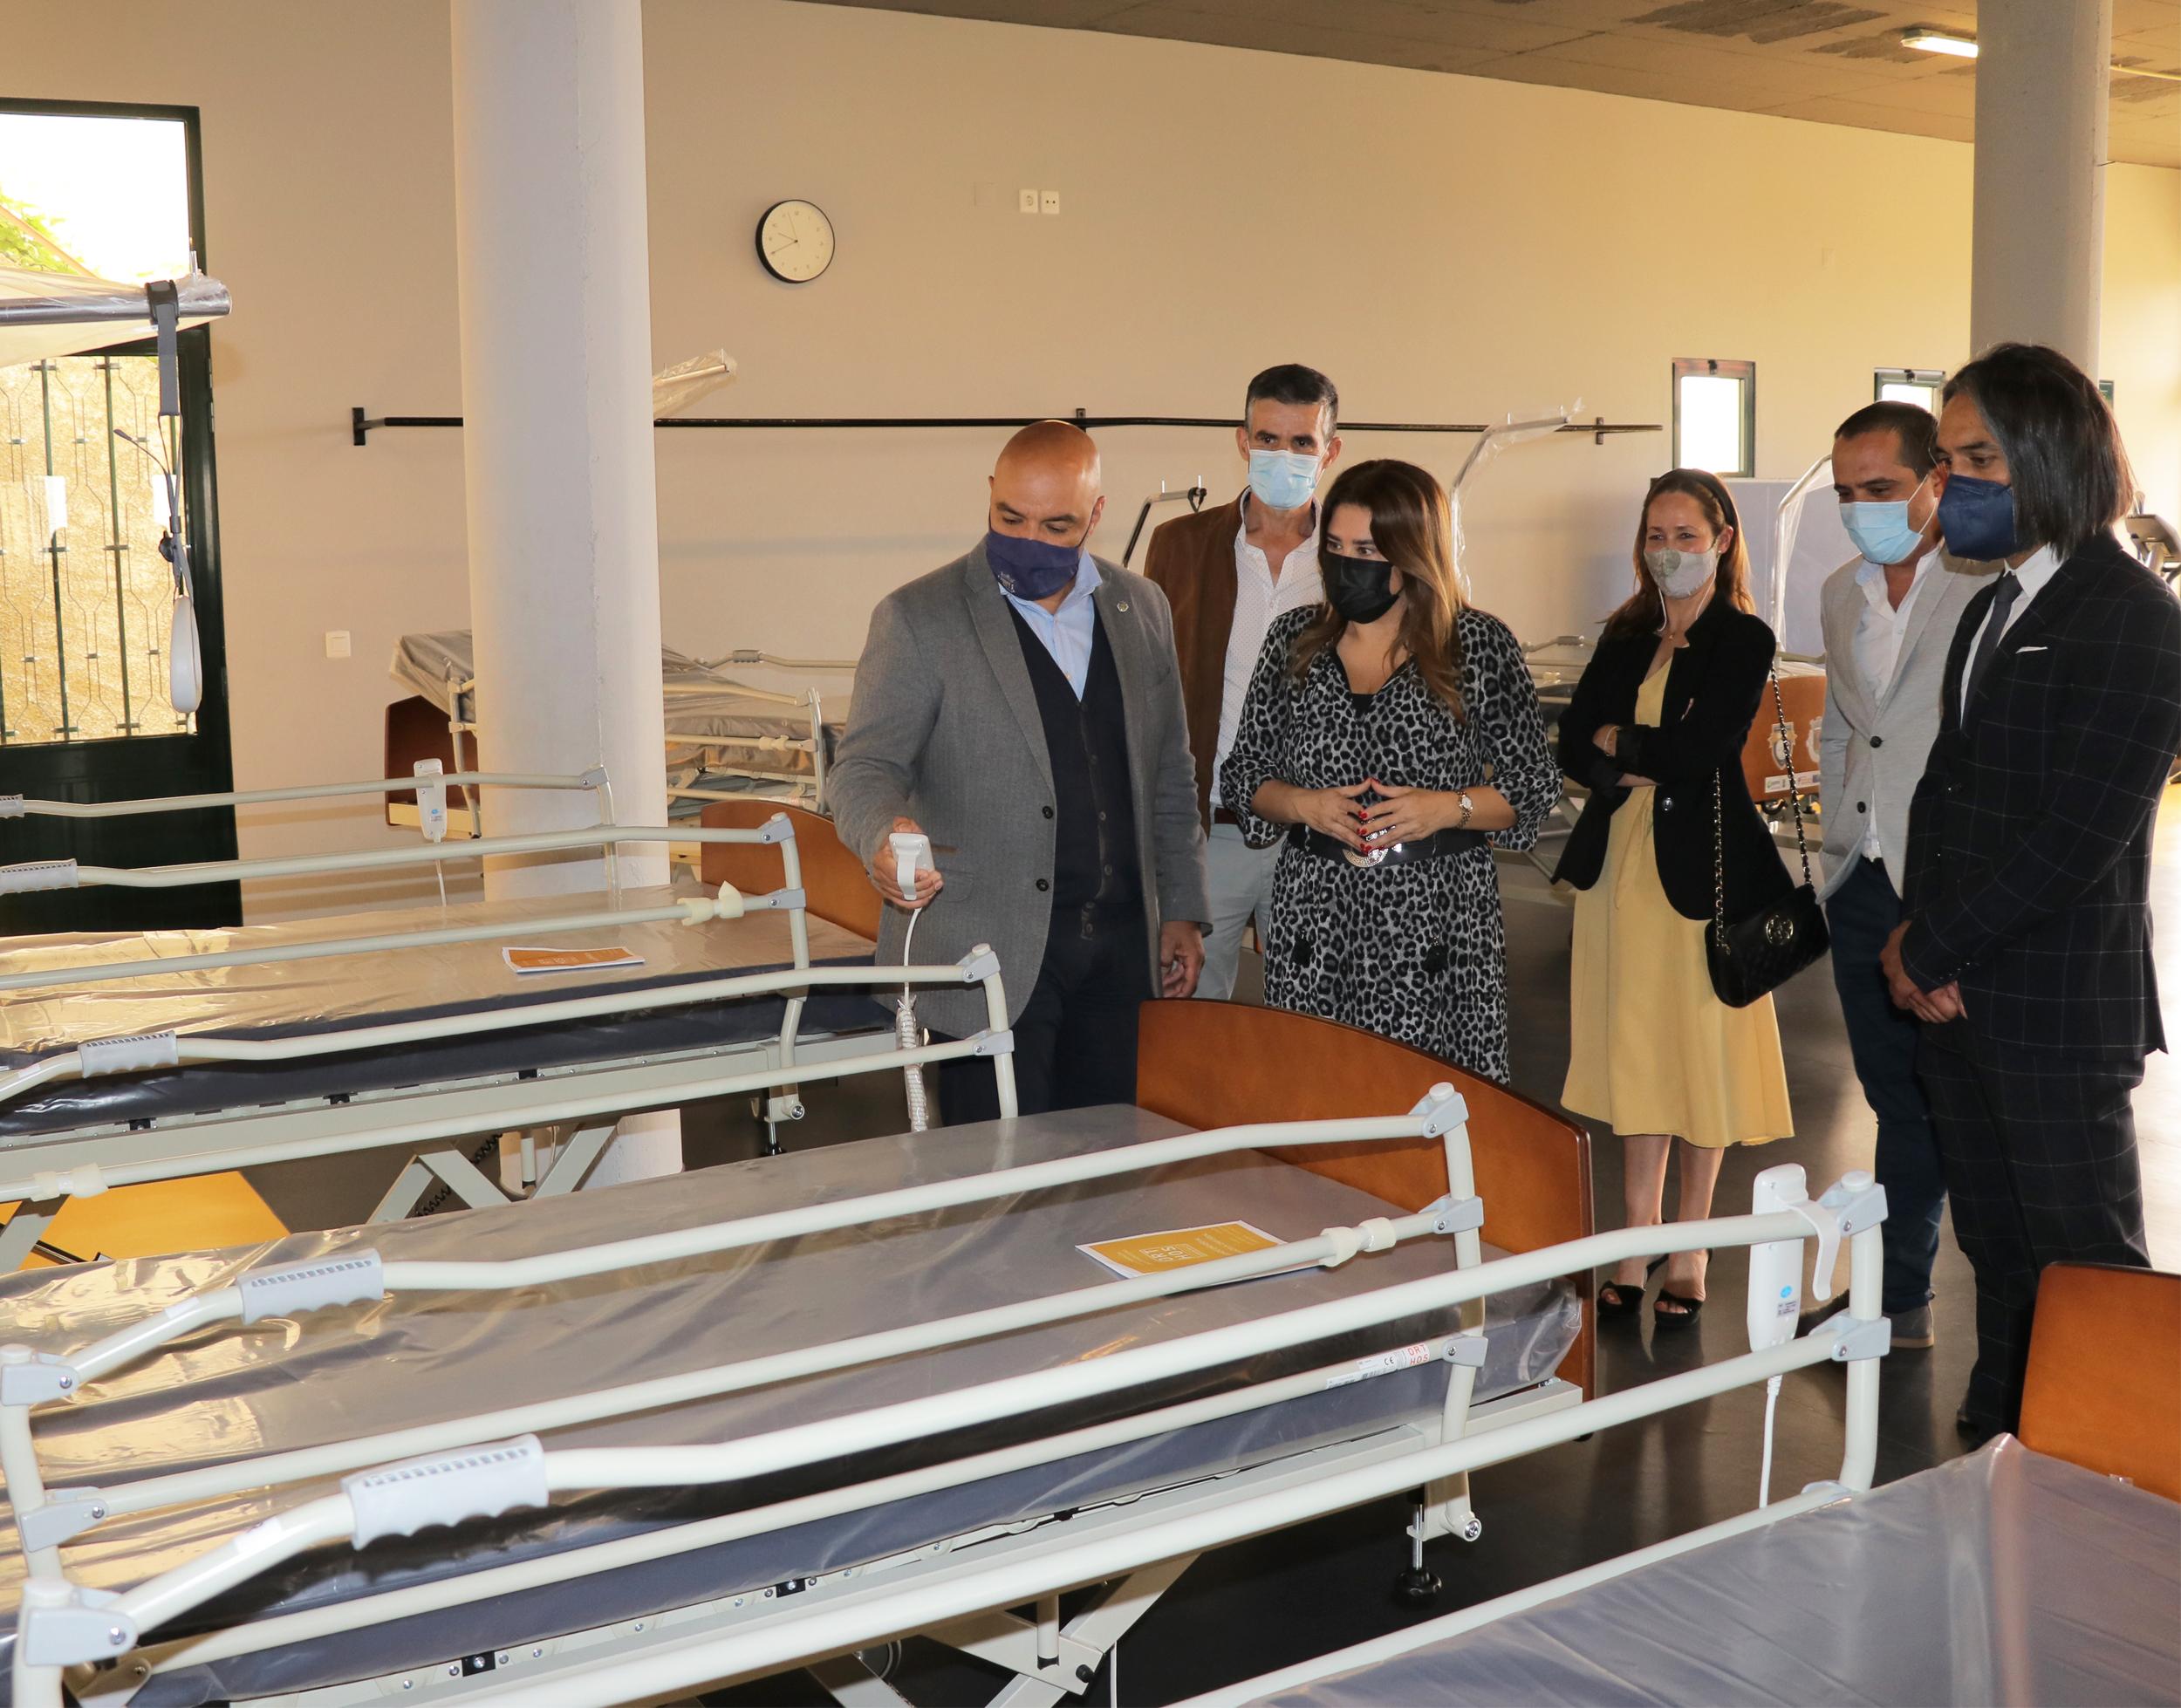 15 camas articuladas entregues a famílias do concelho de Câmara de Lobos